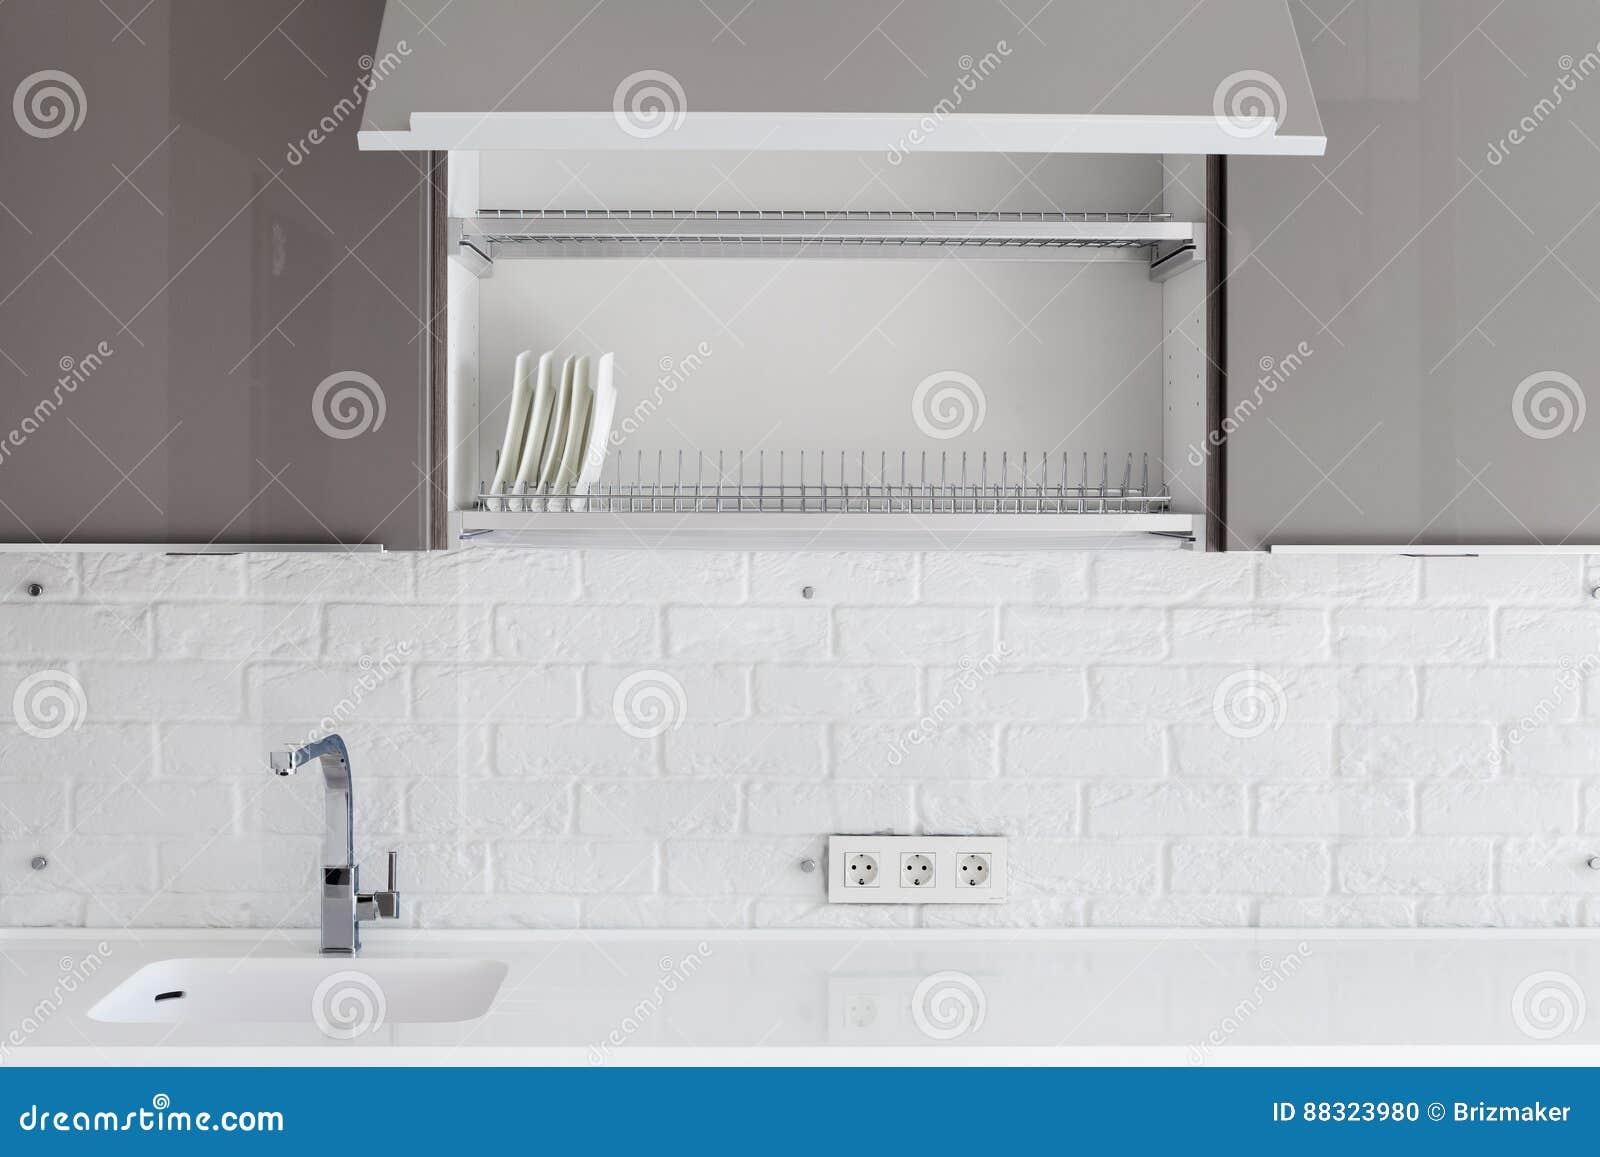 Interior Design Della Cucina Bianca E Nera Moderna Pulita Con L ...